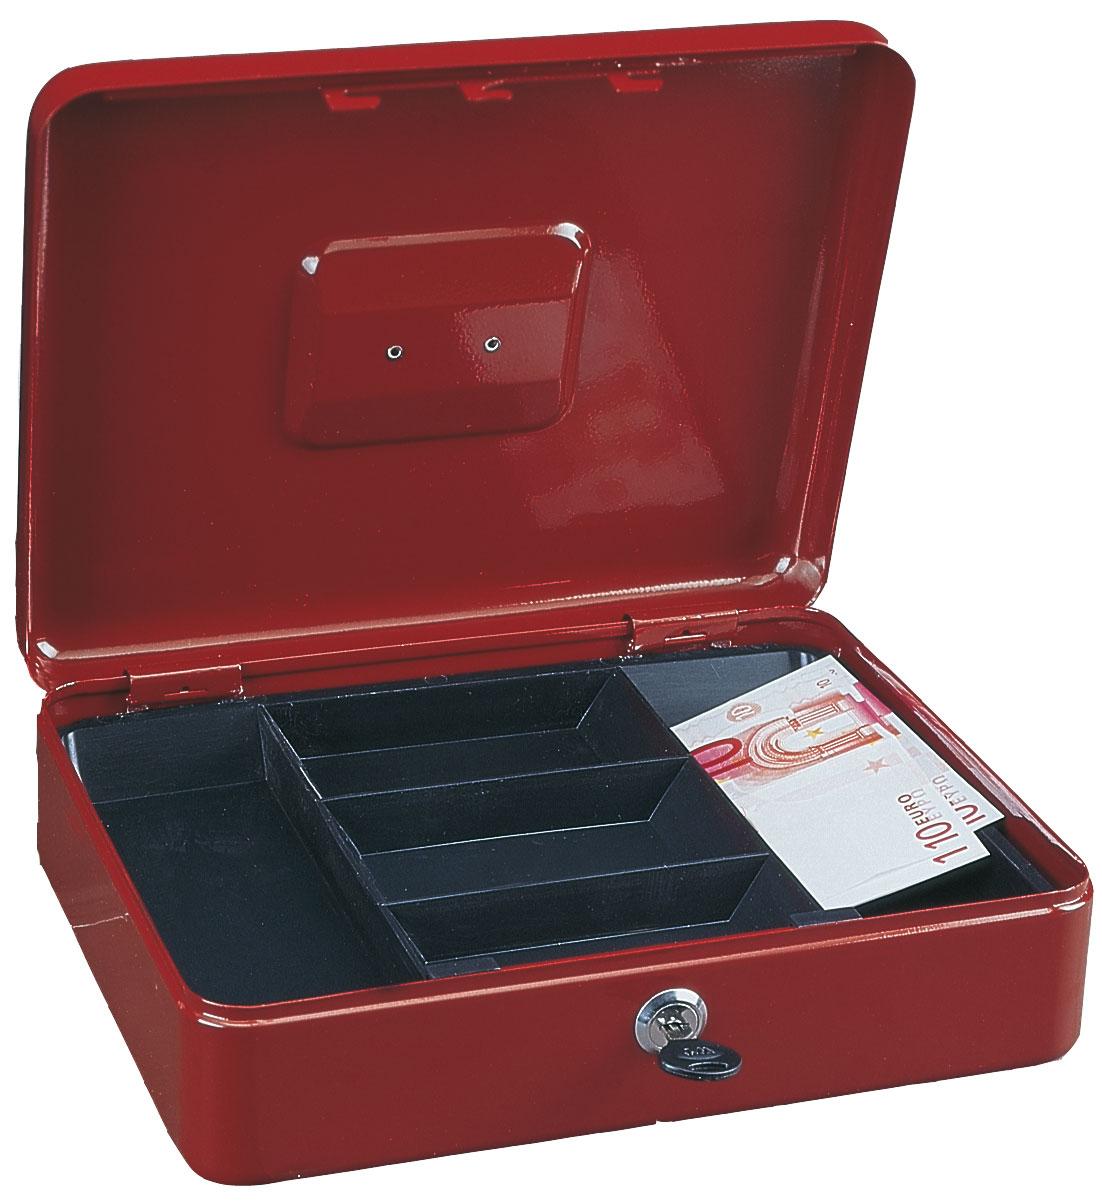 Rottner Geldkassette Traun 4 rot 90x300x245mm Bild 1